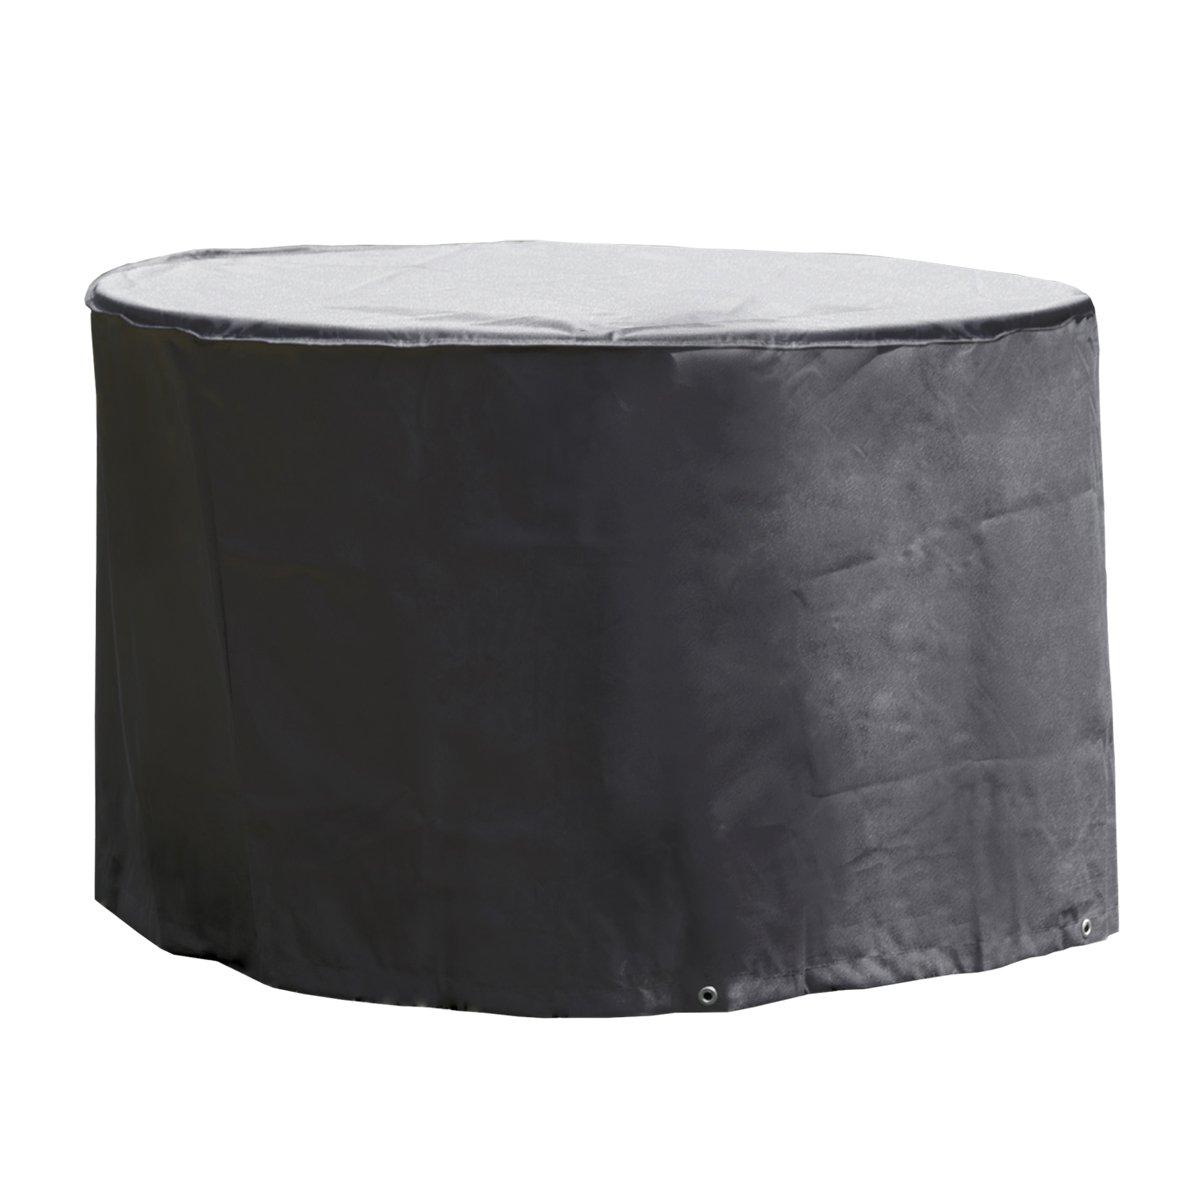 Verschiedene Gartenmöbel Schutzhüllen aus Oxford Polyester 420D für Strandkorb, Ampelschirm, Sonnenschirm, Gartenstuhl, Gartentisch, Sitzgruppe (Gartentisch Ø 125x83cm)